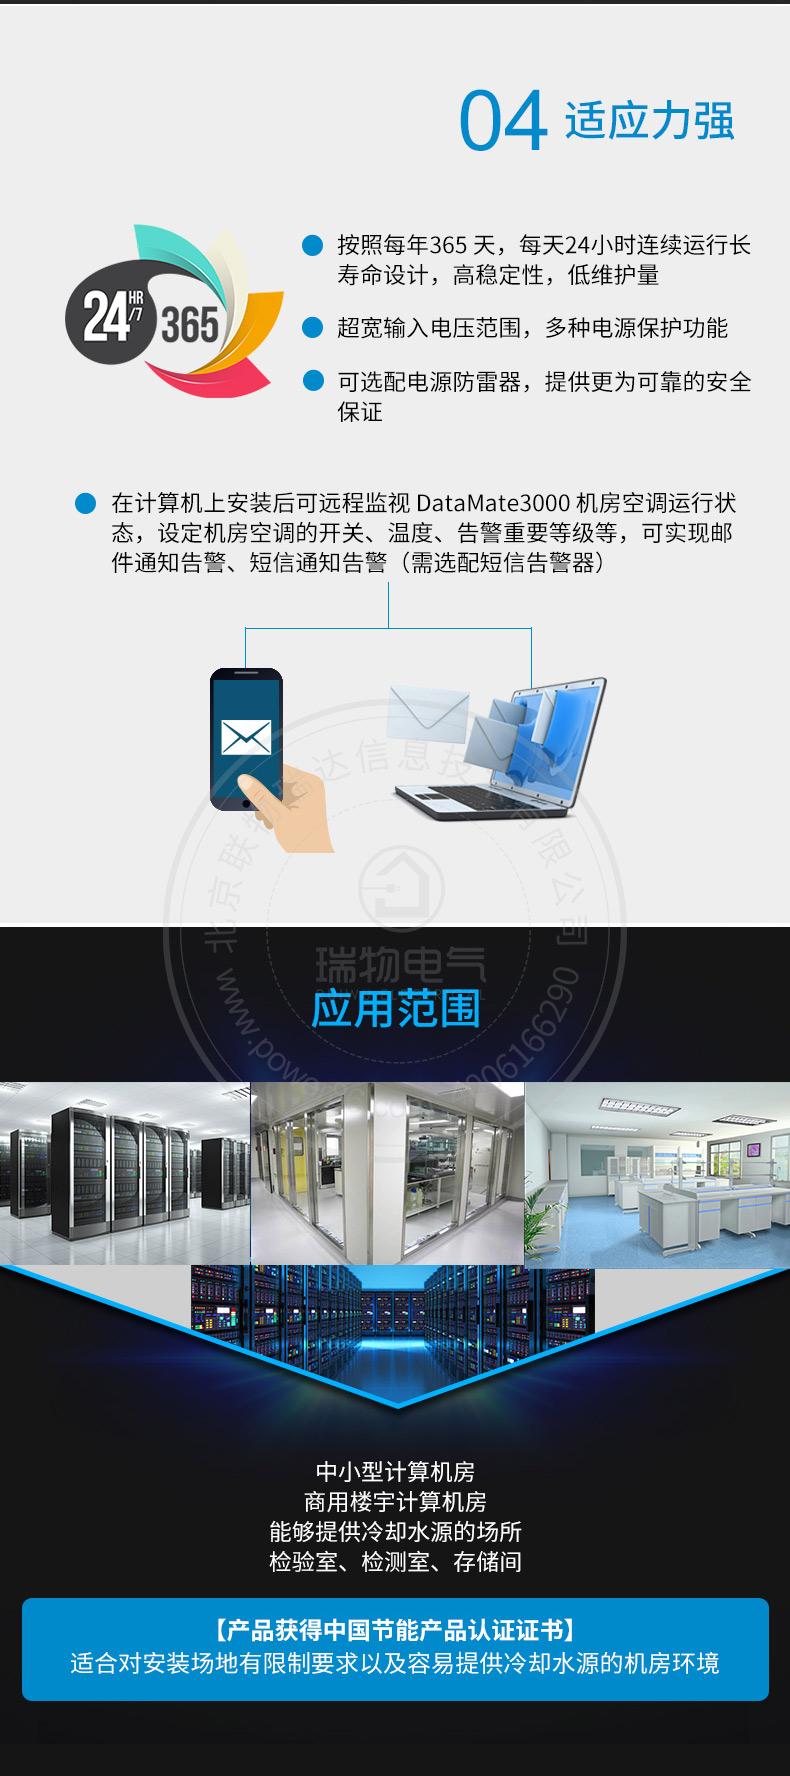 产品介绍http://www.power86.com/rs1/air/590/616/78/78_c4.jpg